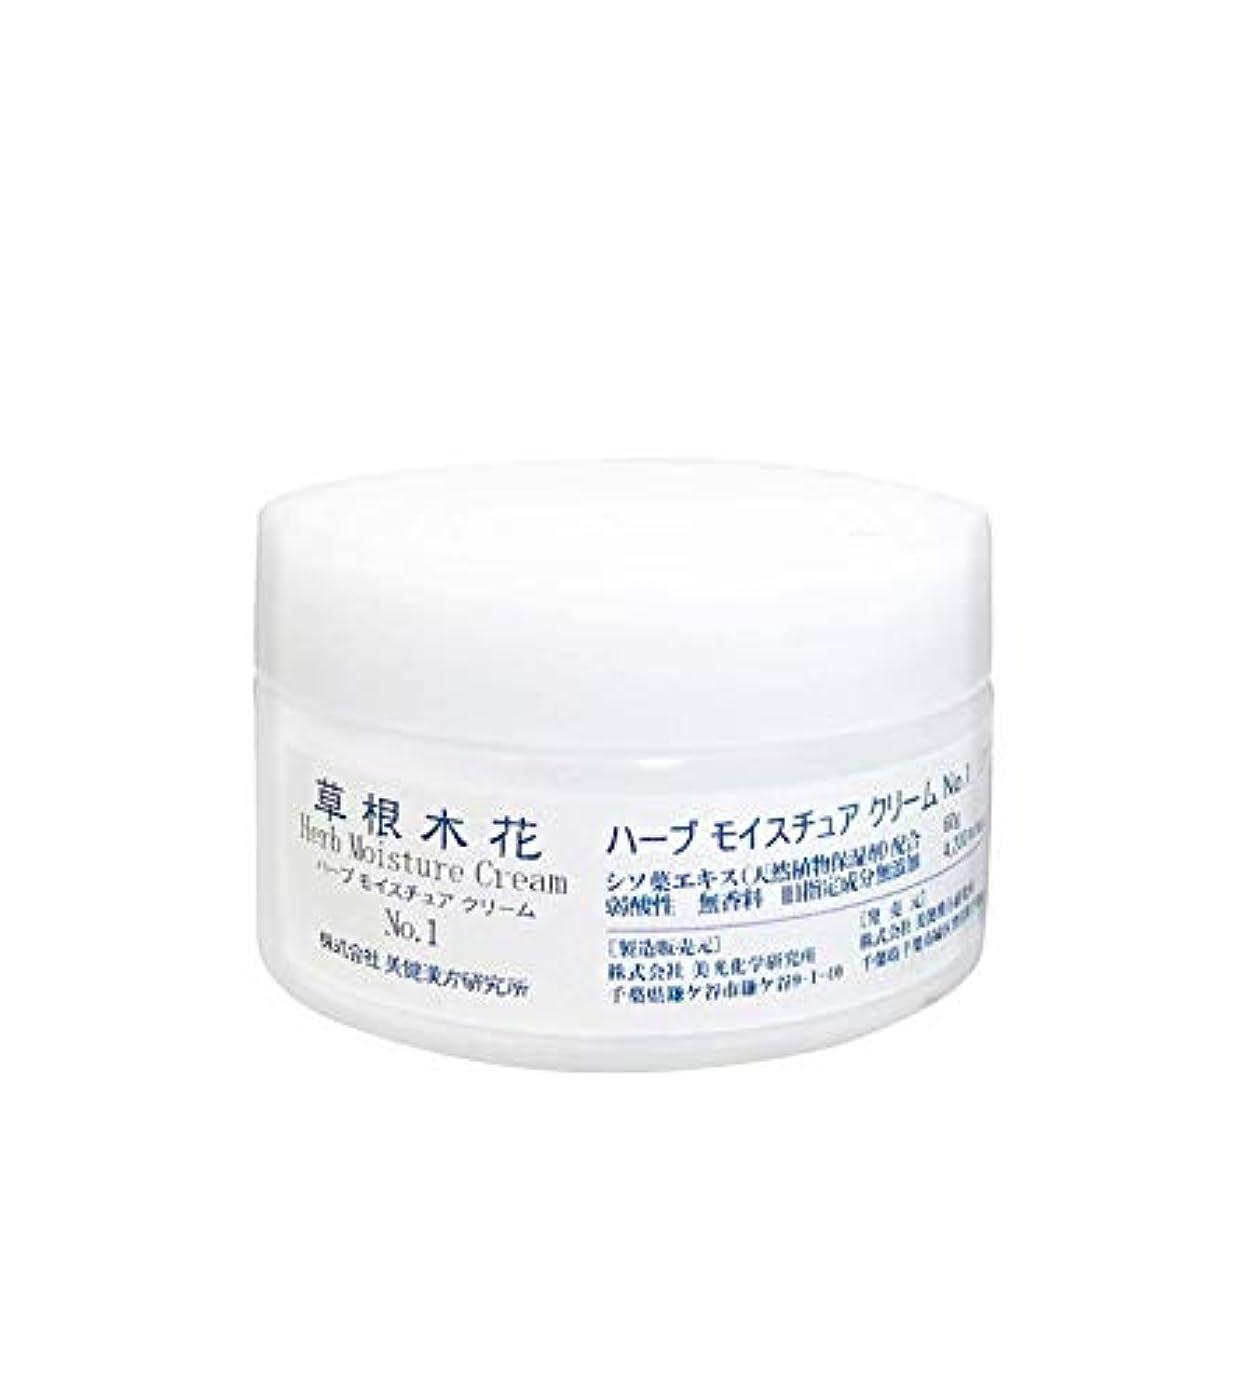 効果的にマリナー姪「草根木花 ハーブモイスチュアクリームNo.1 (紫蘇クリーム)」  乾燥肌?敏感肌にシソエキス  シェアドコスメ(男女兼用化粧品)